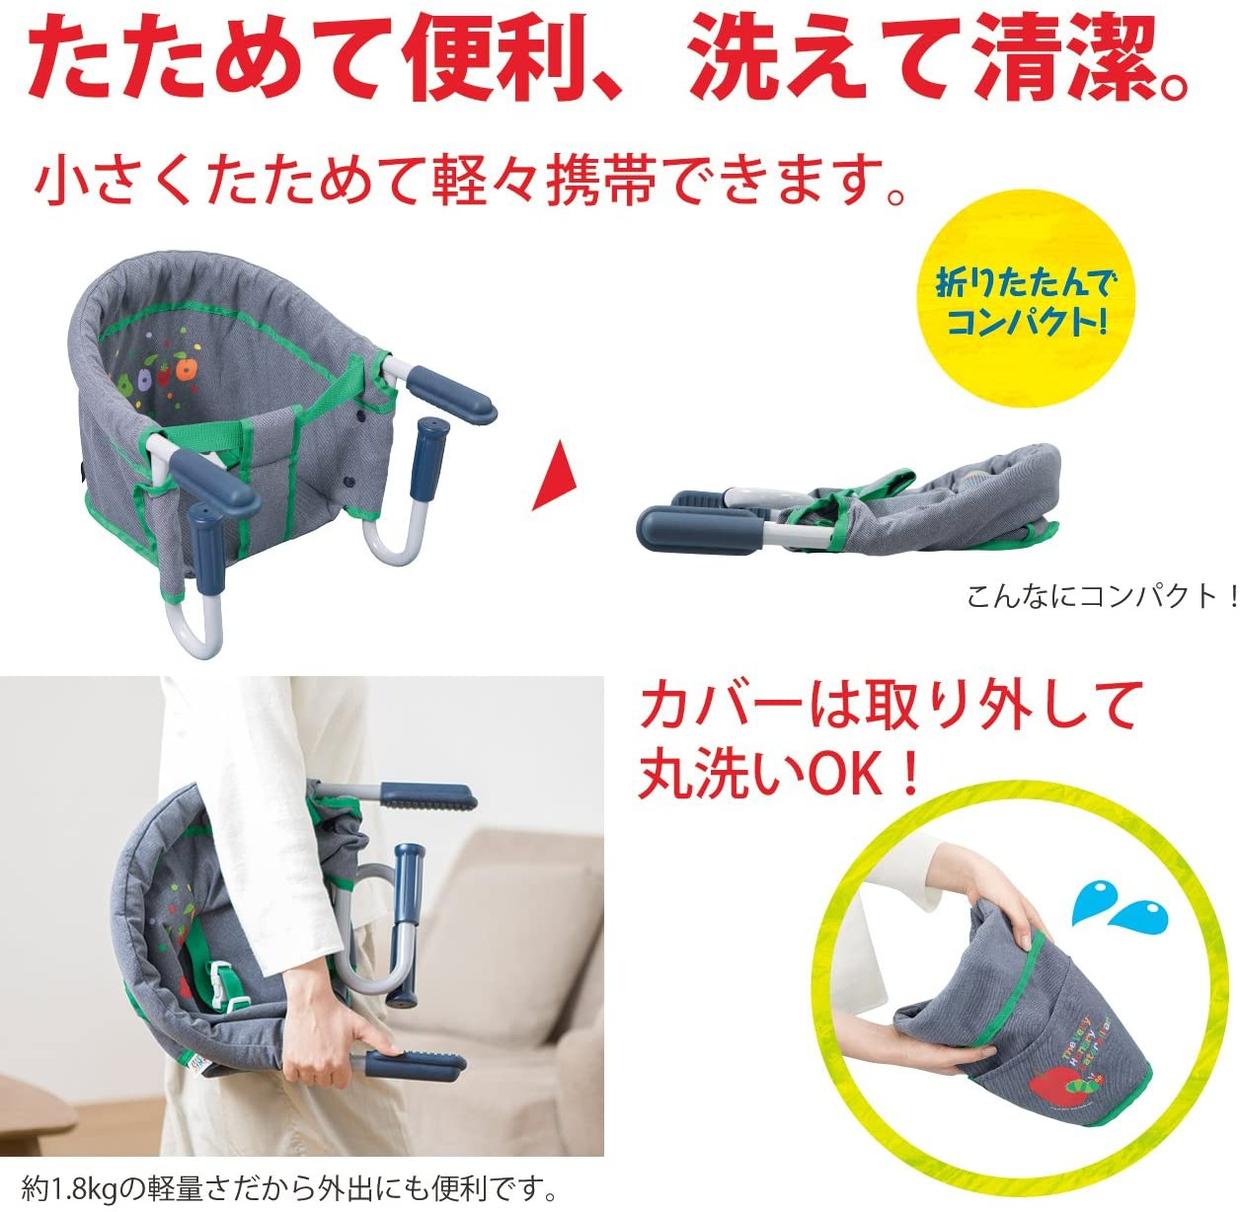 日本育児(nihon ikuji) はらぺこあおむし テーブルチェアの商品画像5